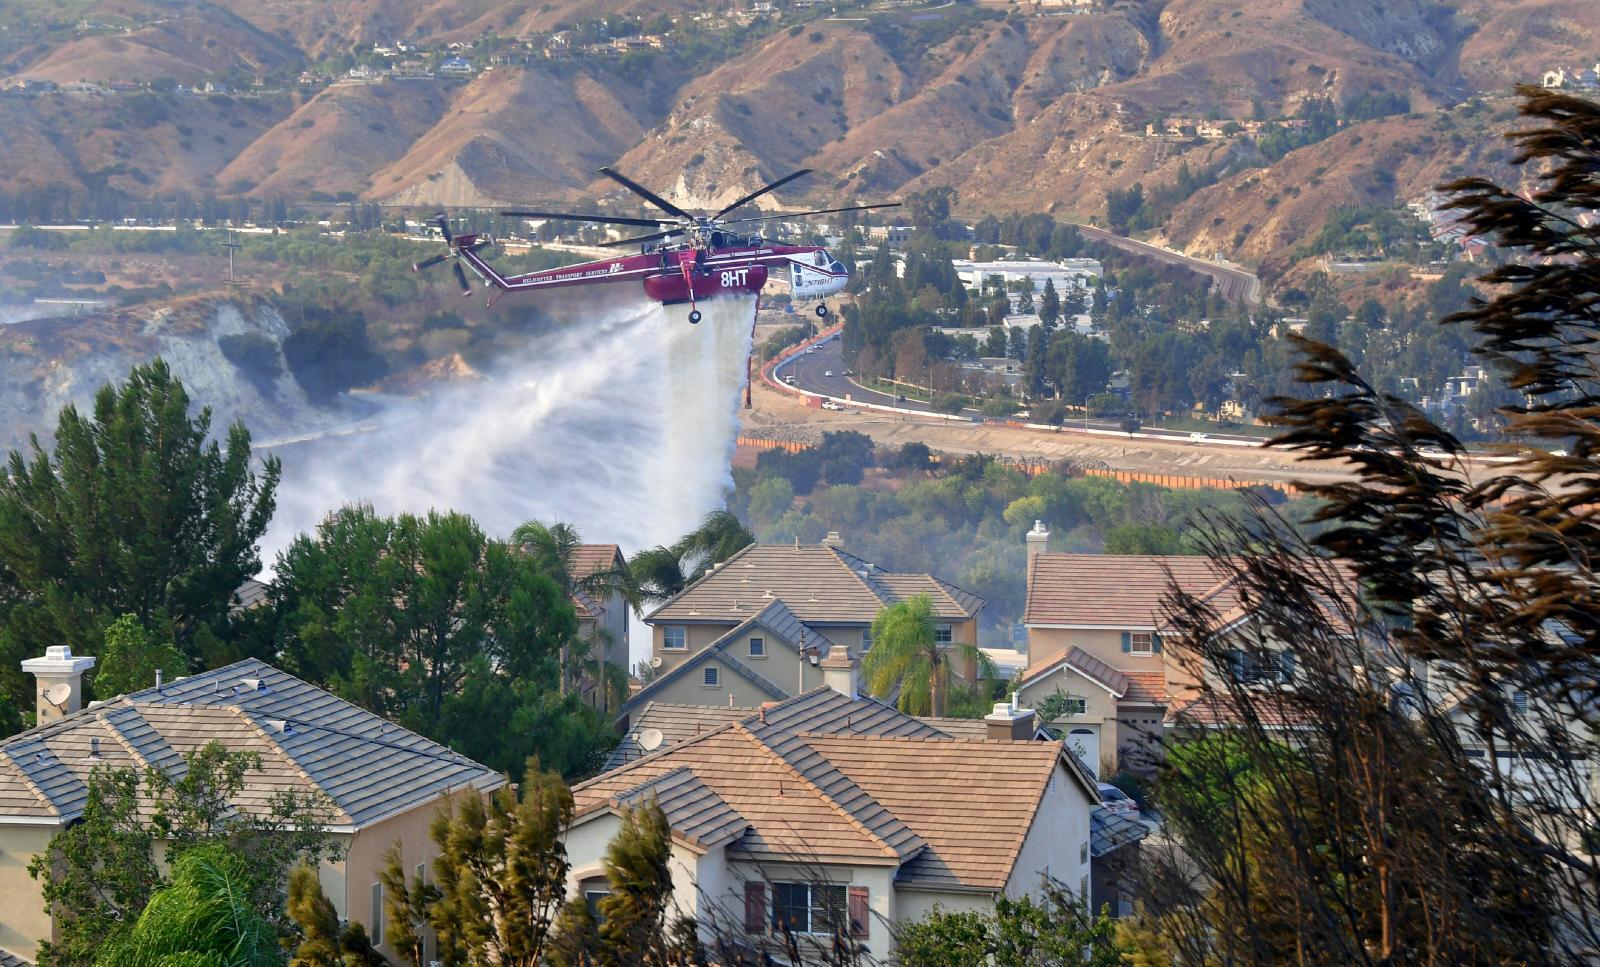 ภาคเหนือแคลิฟอร์เนีย สหรัฐฯ เผชิญไฟป่าครั้งใหญ่